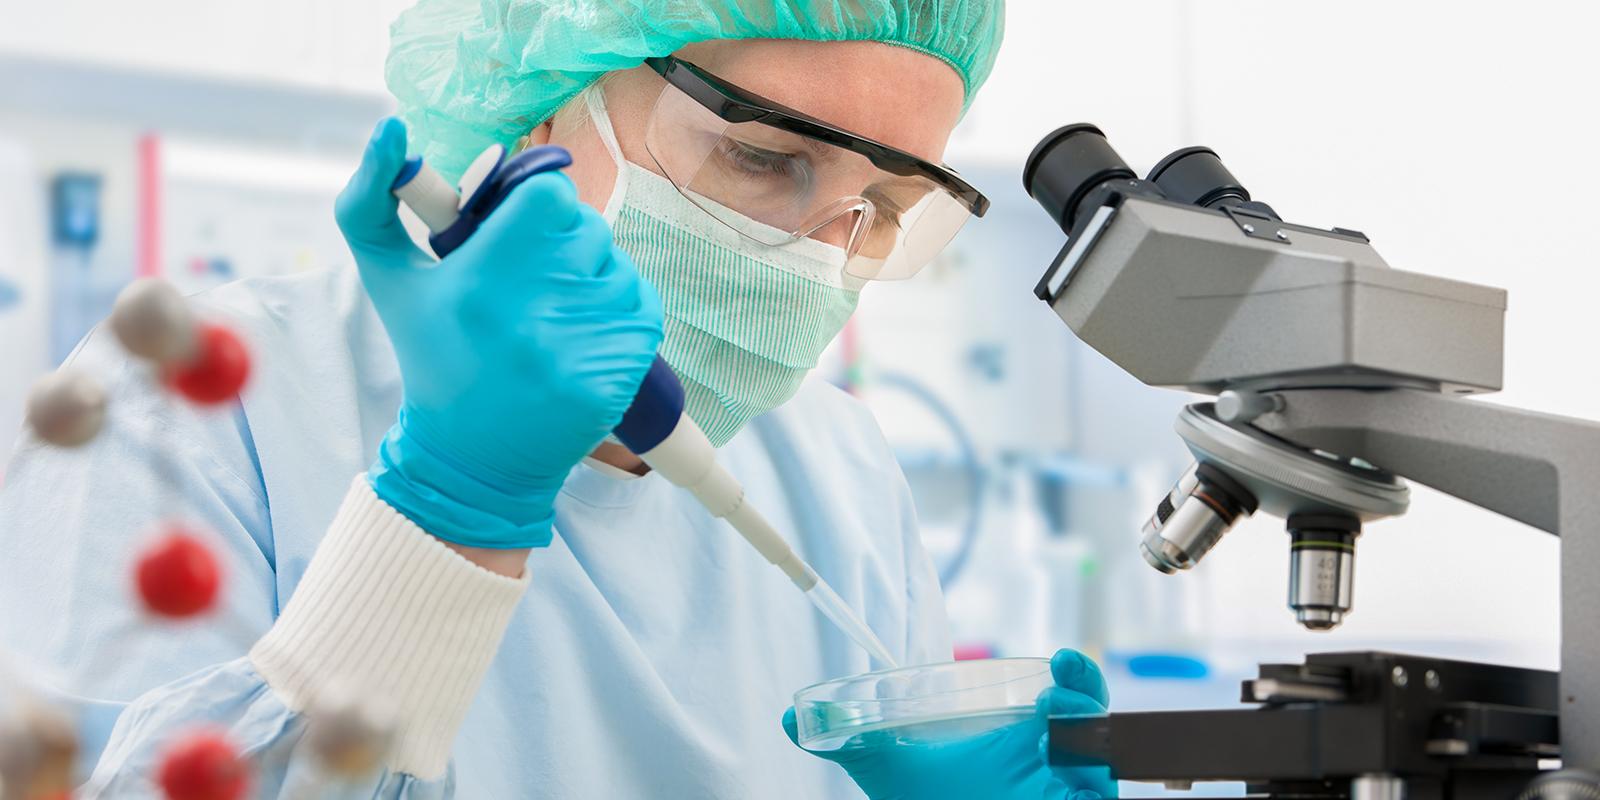 Число зафиксированных в РК случаев коронавируса увеличилось до восьми человек